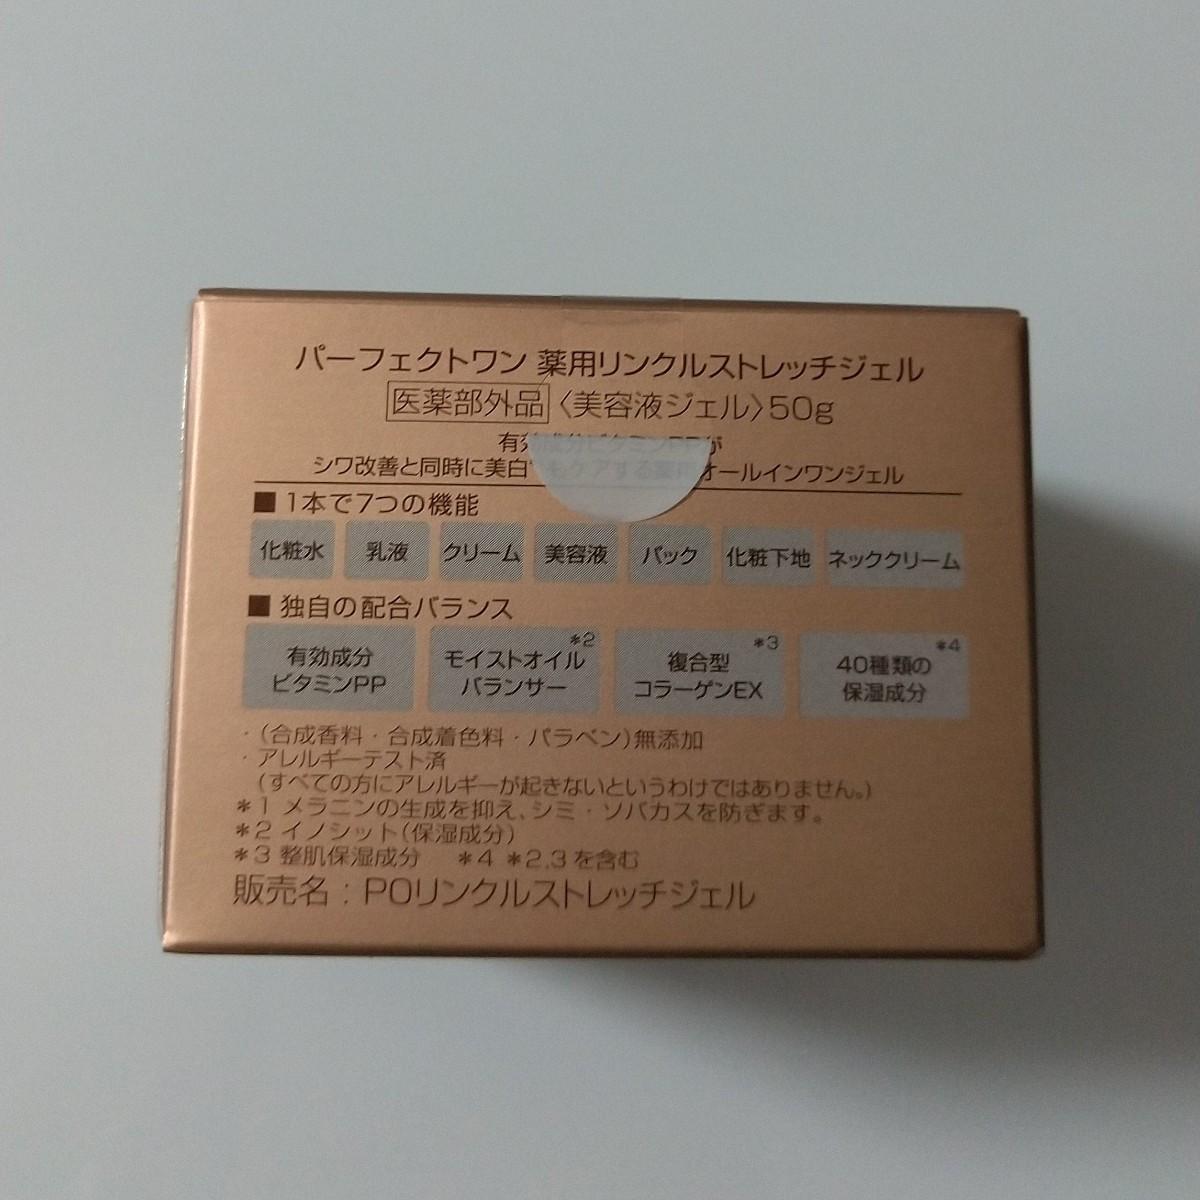 パーフェクトワン 薬用リンクルストレッチジェル 50g〈美容液ジェル〉